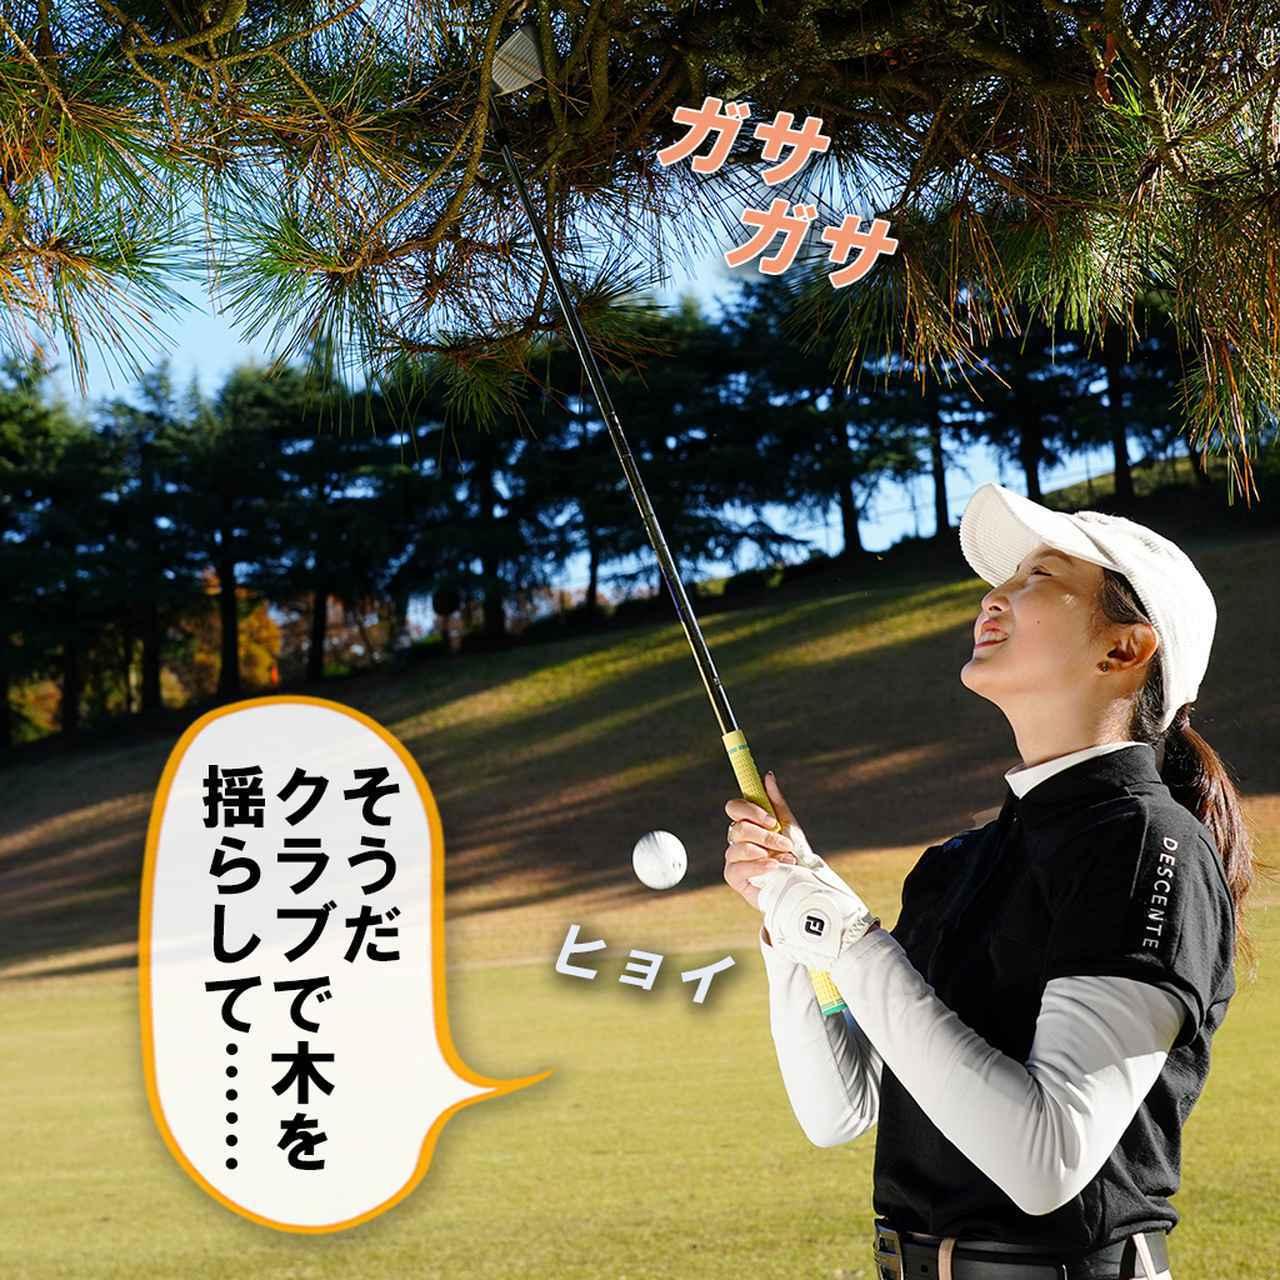 画像3: 【新ルール】木の上の球を枝を揺らして落とした。こういうときはどうする?